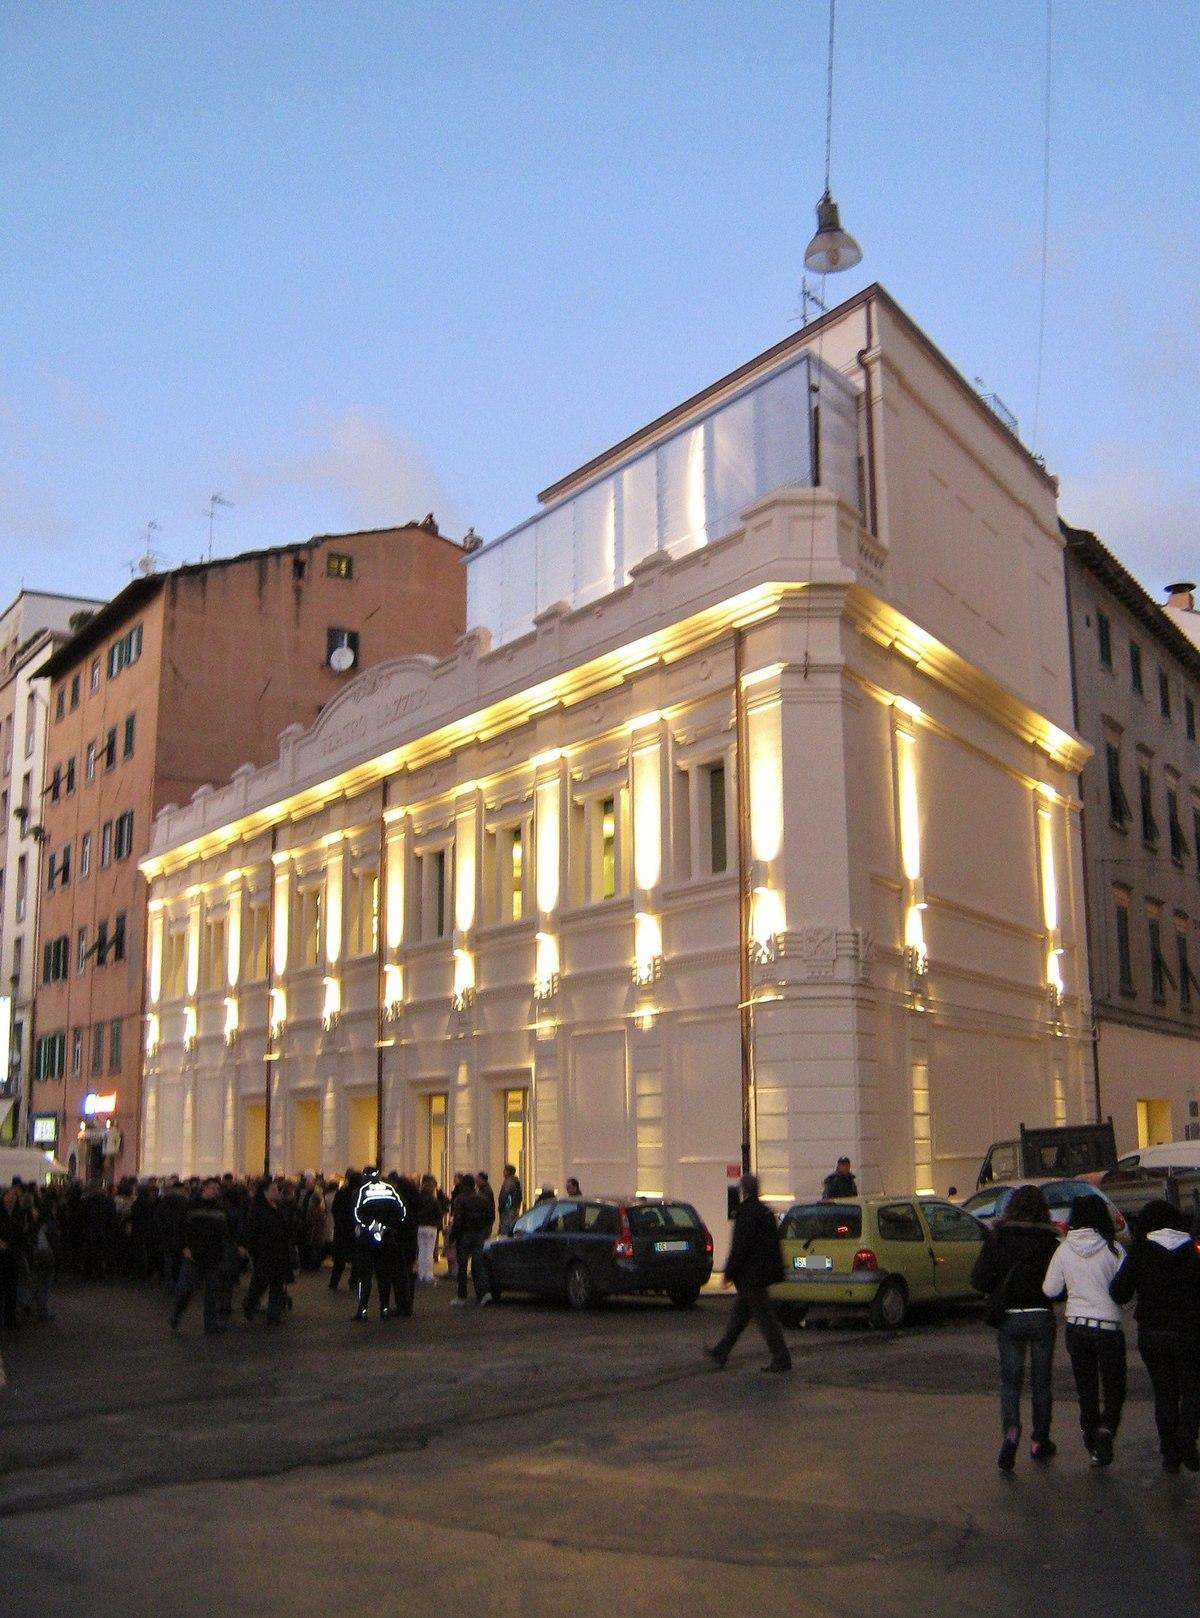 Ex cinema teatro Lazzeri - Wikipedia